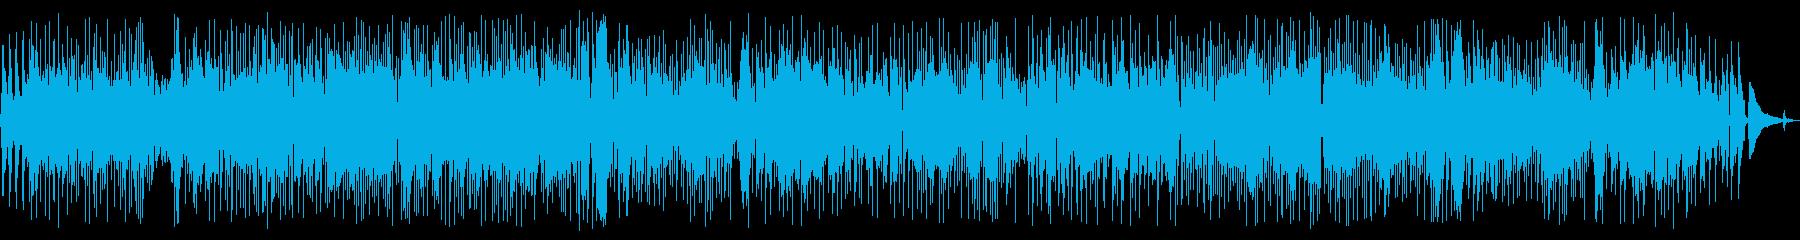 ショパン クラシック 明るいの再生済みの波形